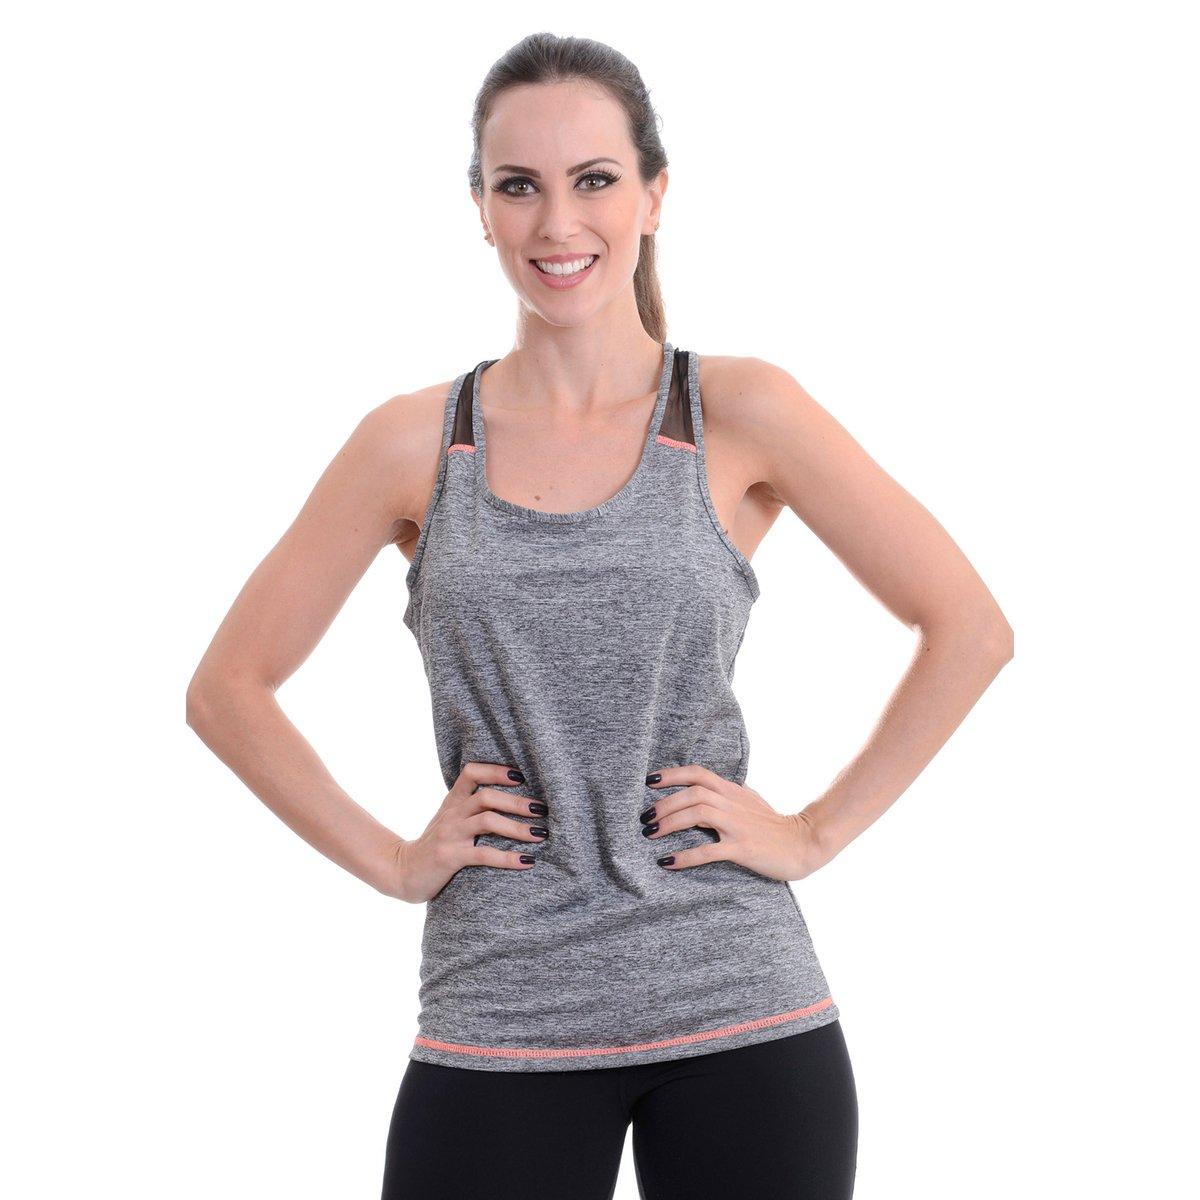 b7d0b58101 Camiseta Fitness Areia Branca Regata - Compre Agora